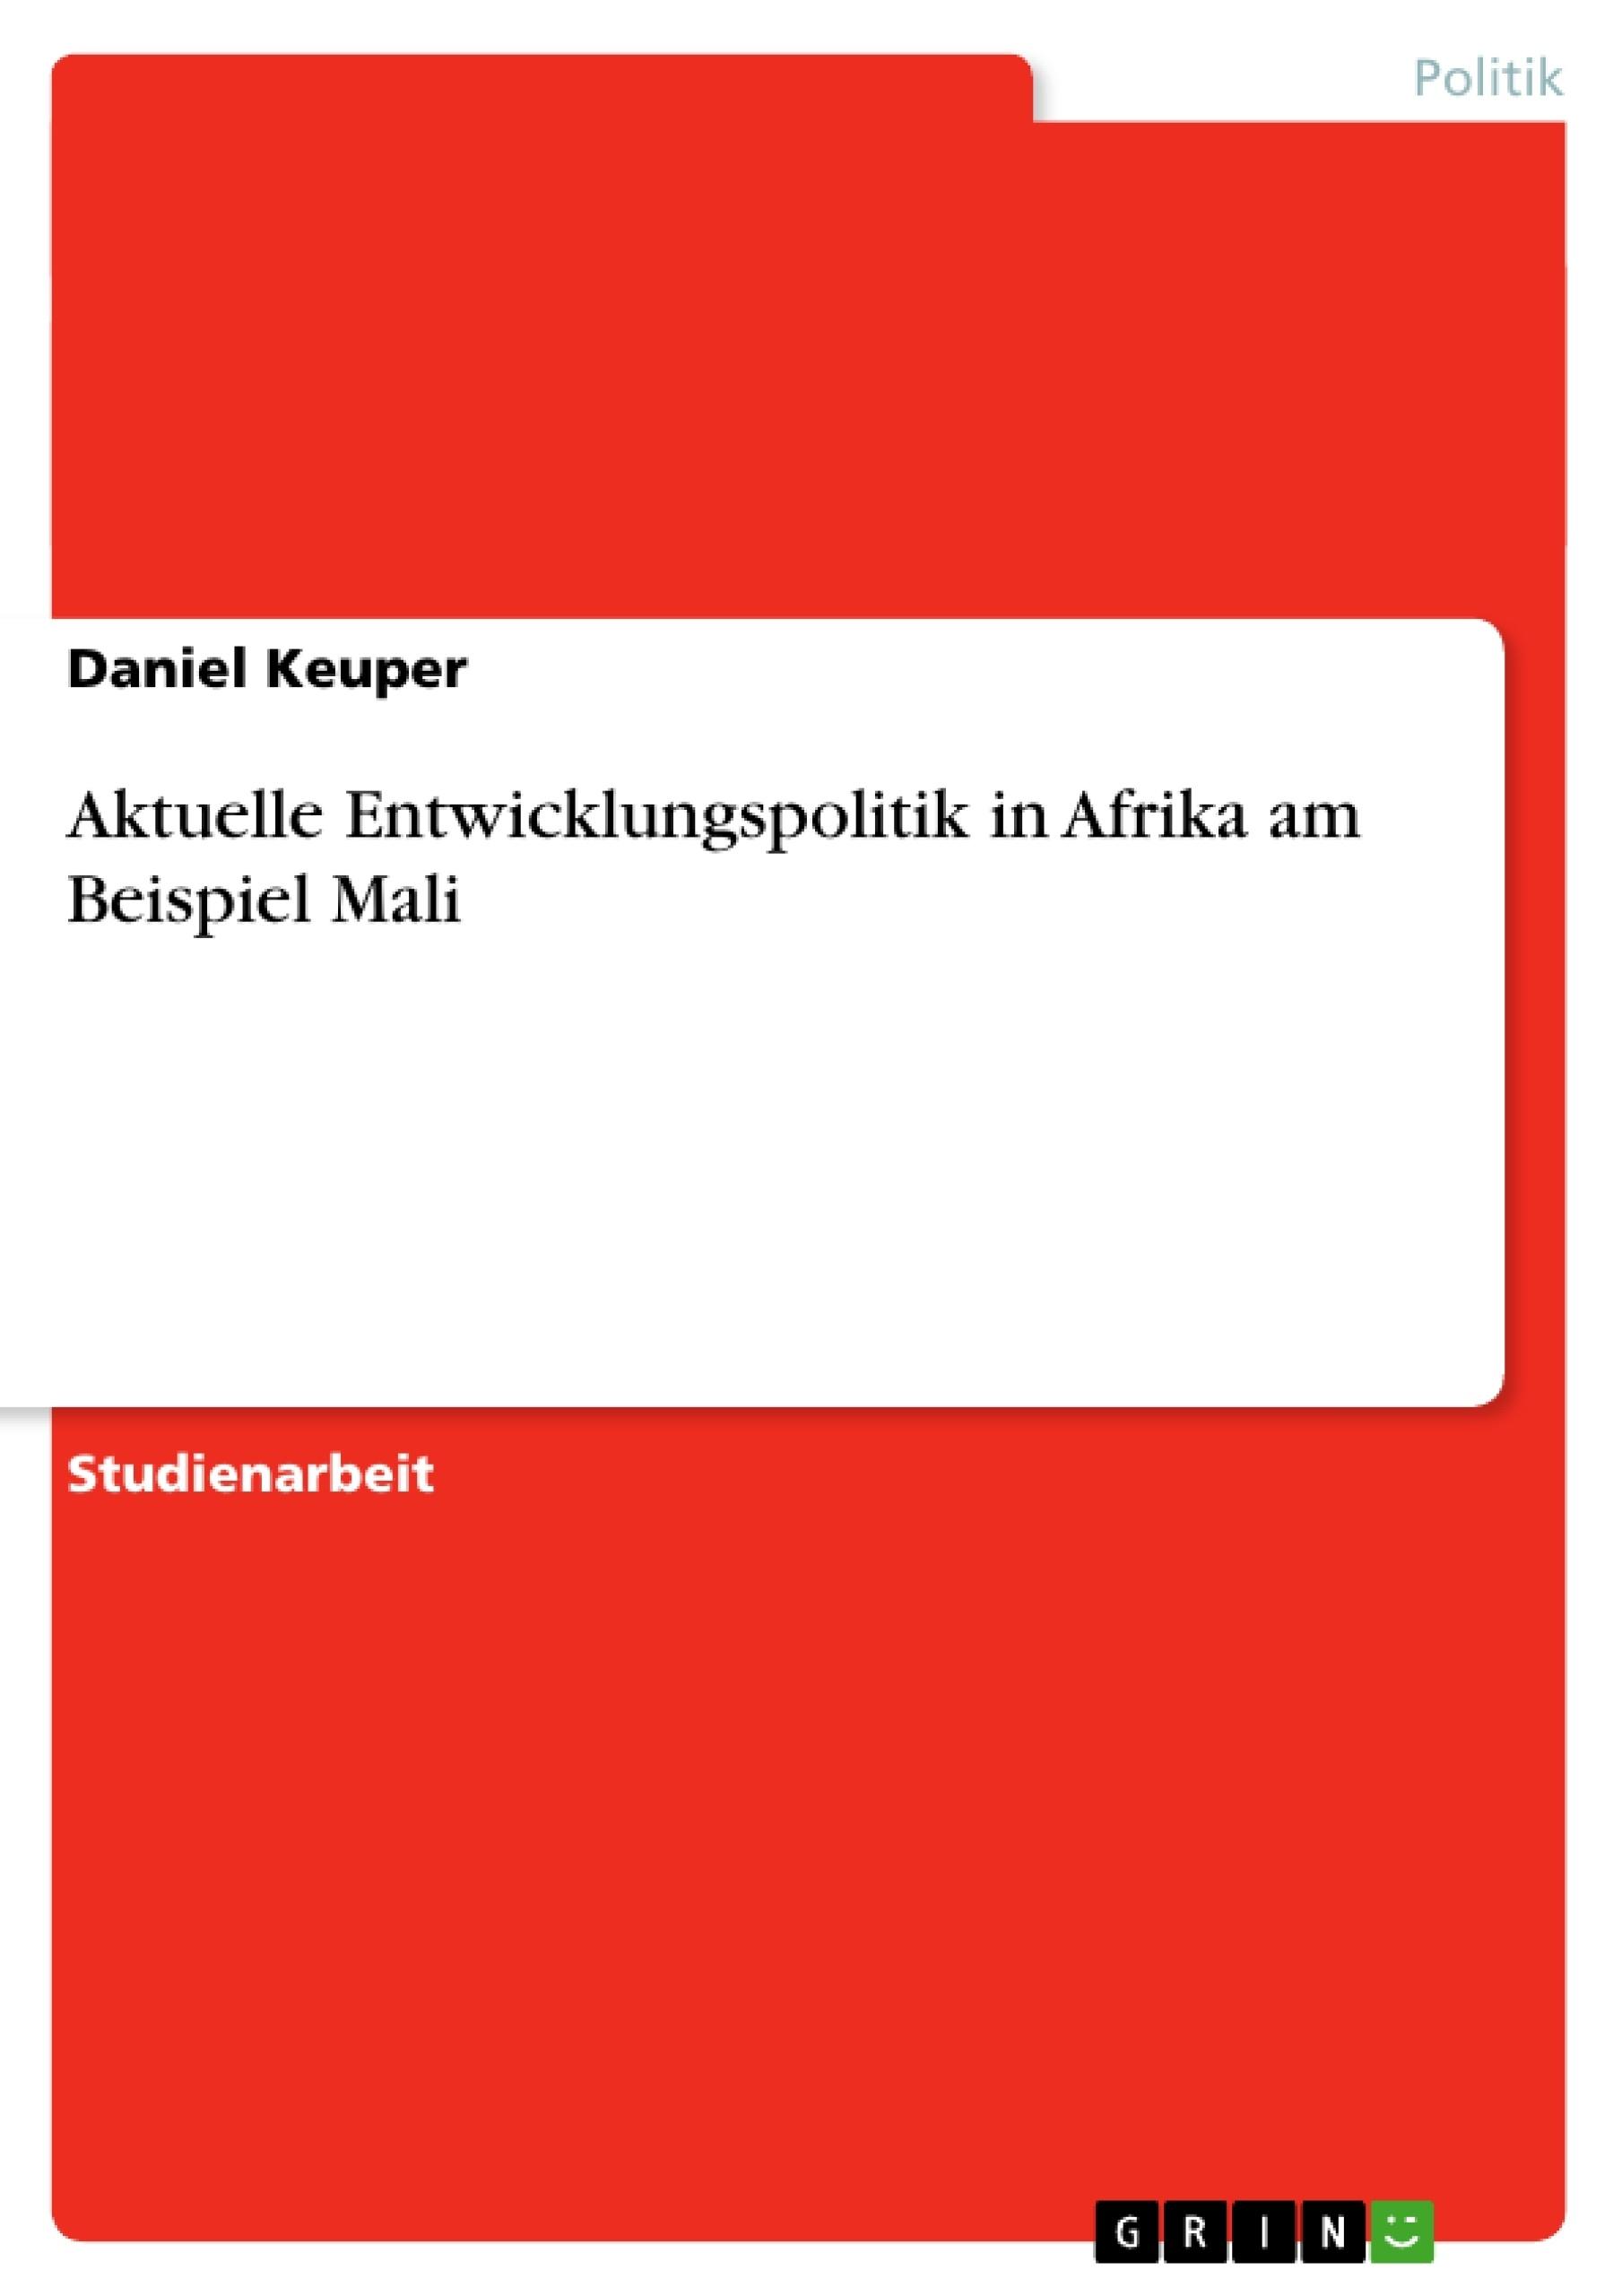 Titel: Aktuelle Entwicklungspolitik in Afrika am Beispiel Mali